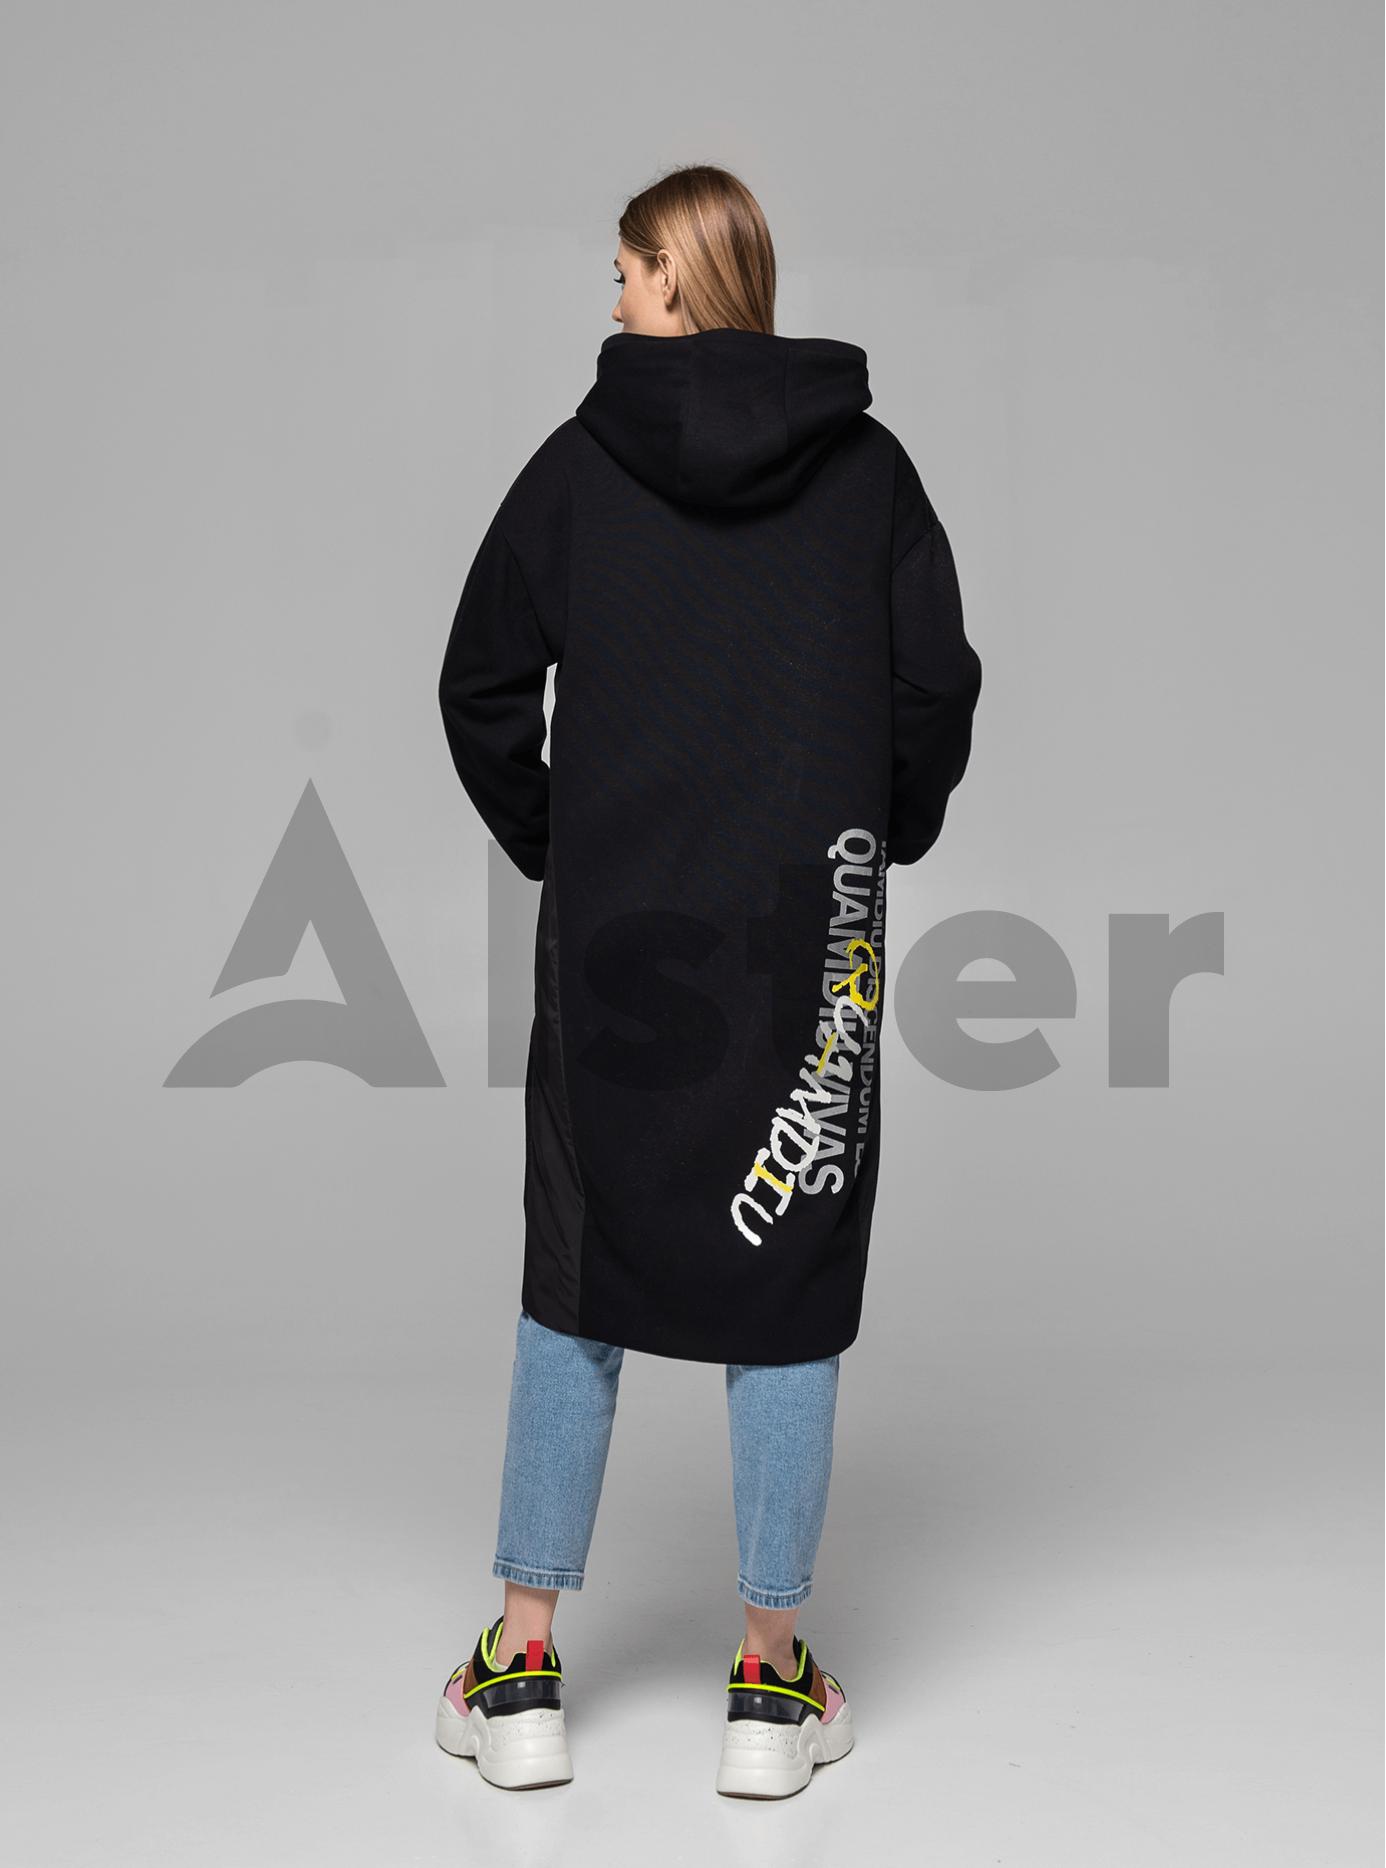 Куртка демисезонная длинная на молнии Чёрный 46 (02-MI19001): фото - Alster.ua